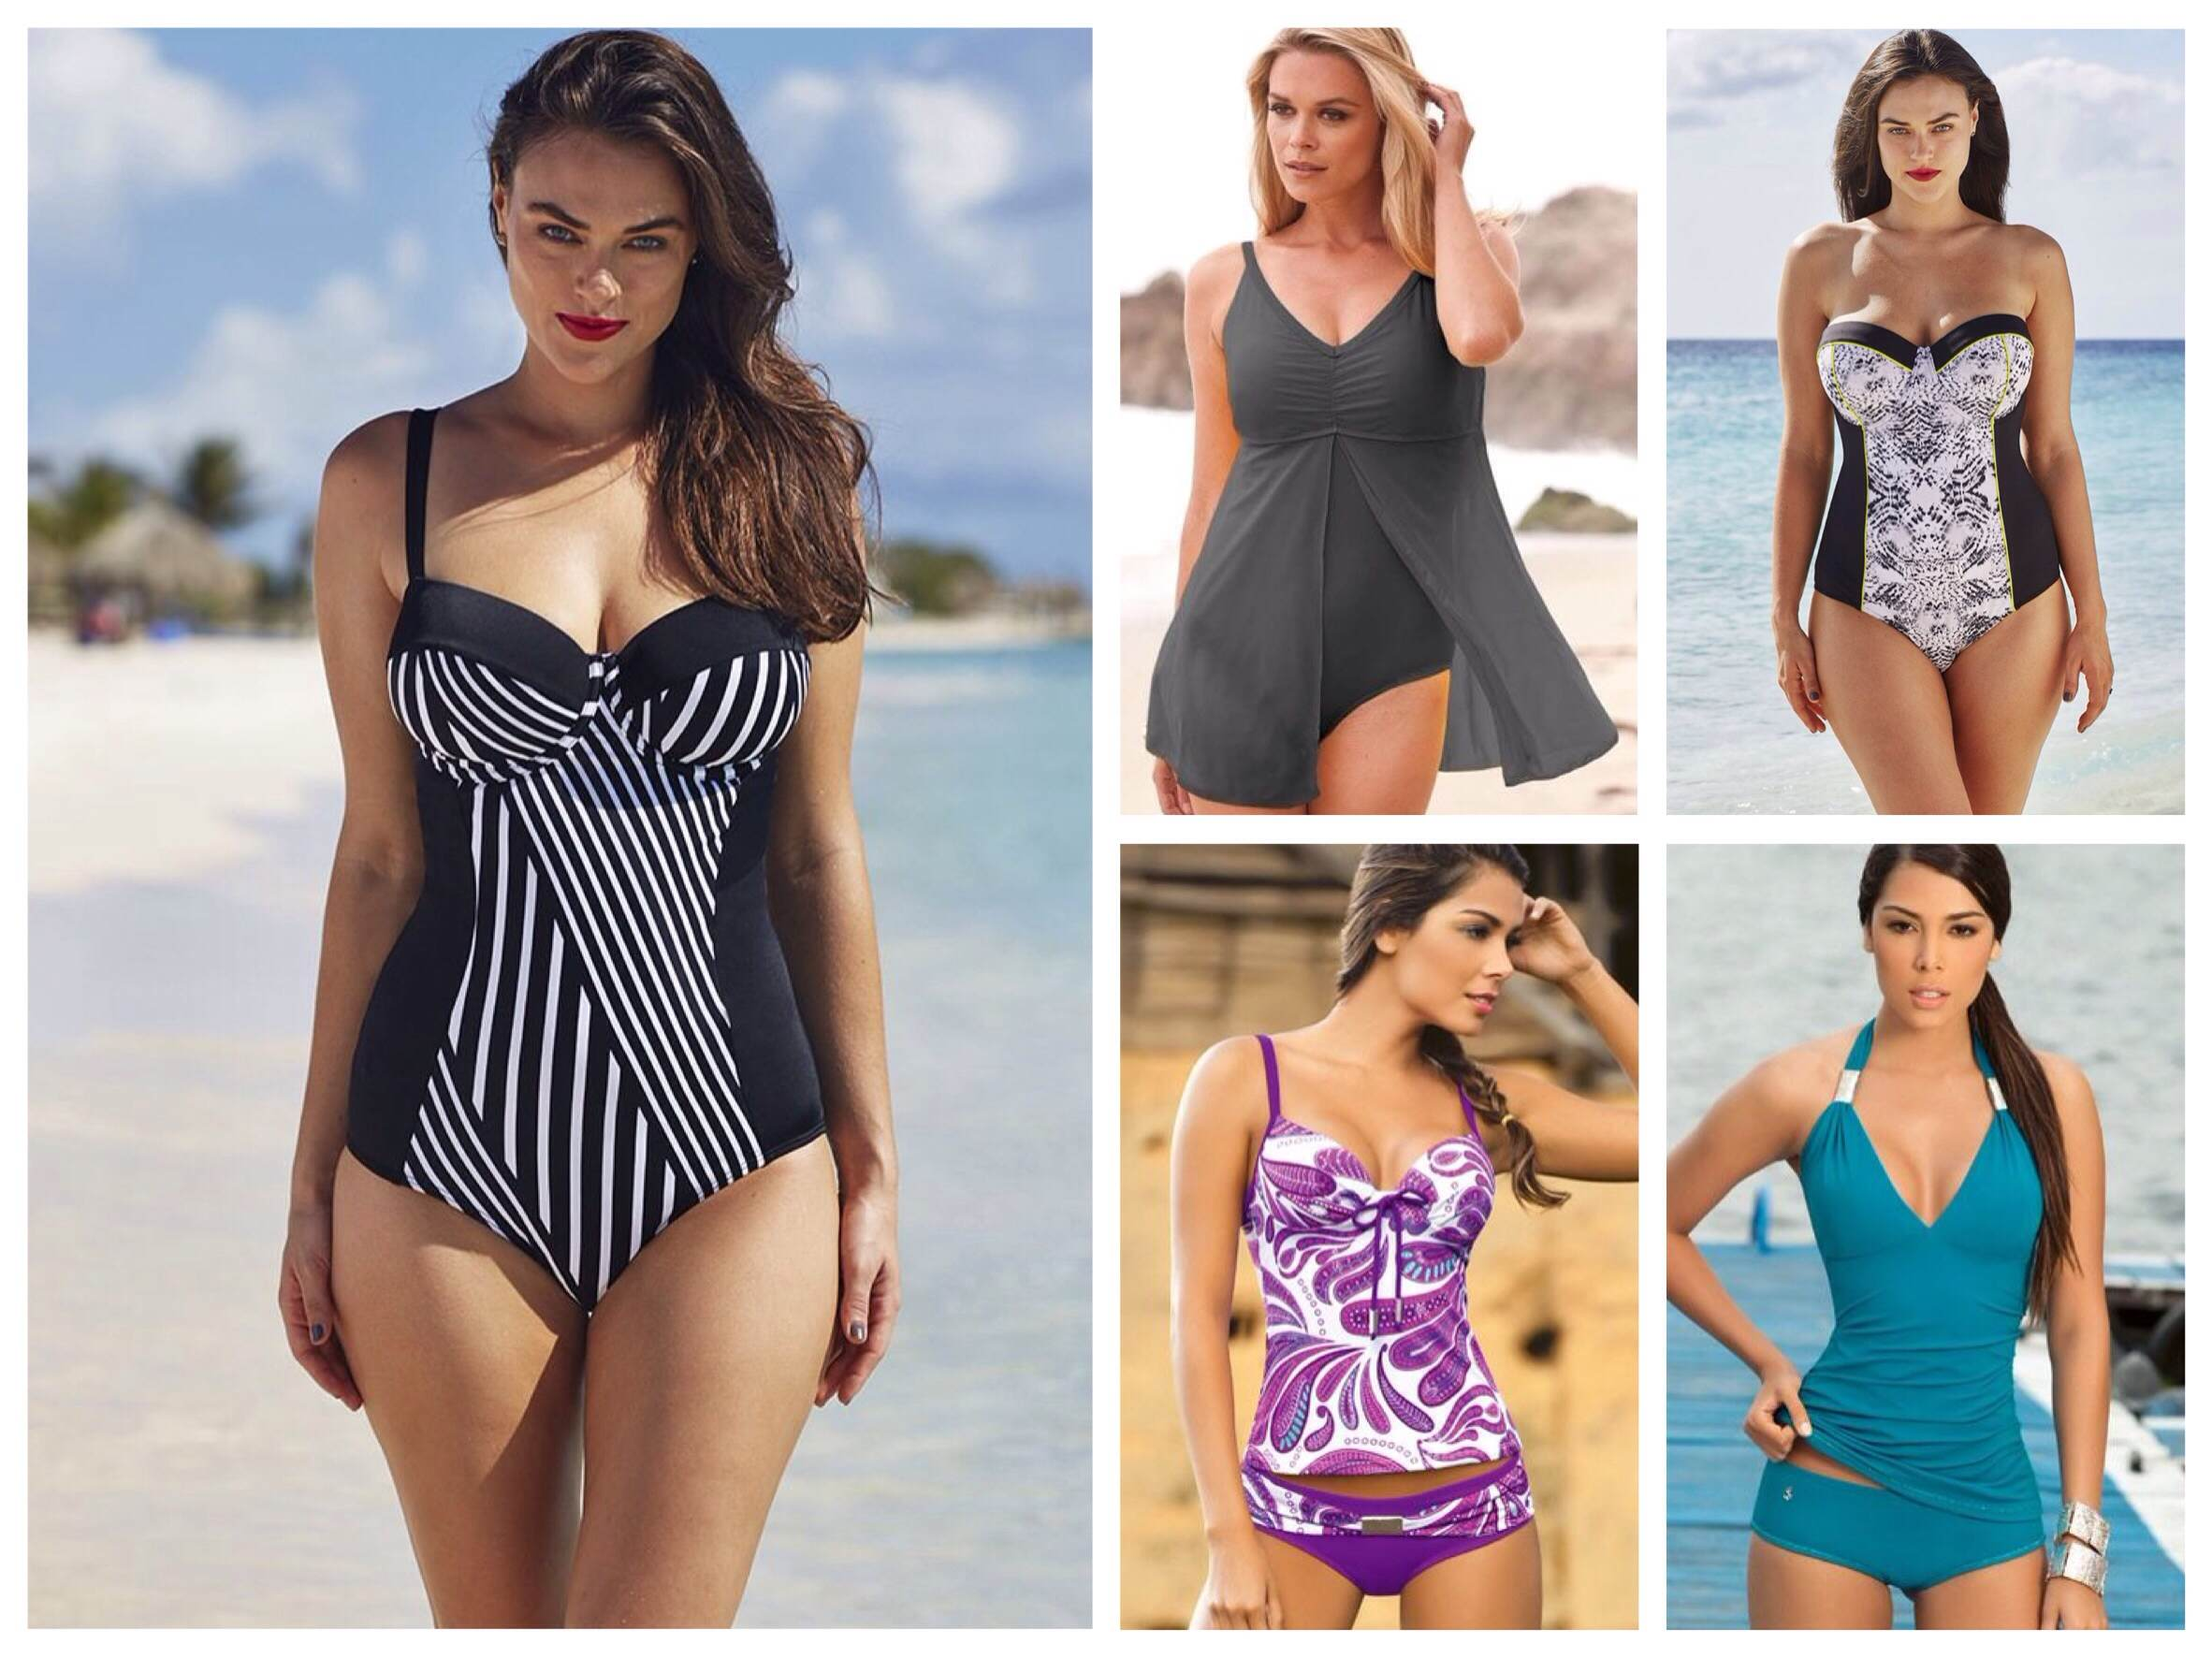 cfdd23d02ce65 Одежда для отдыха на море: фото, советы